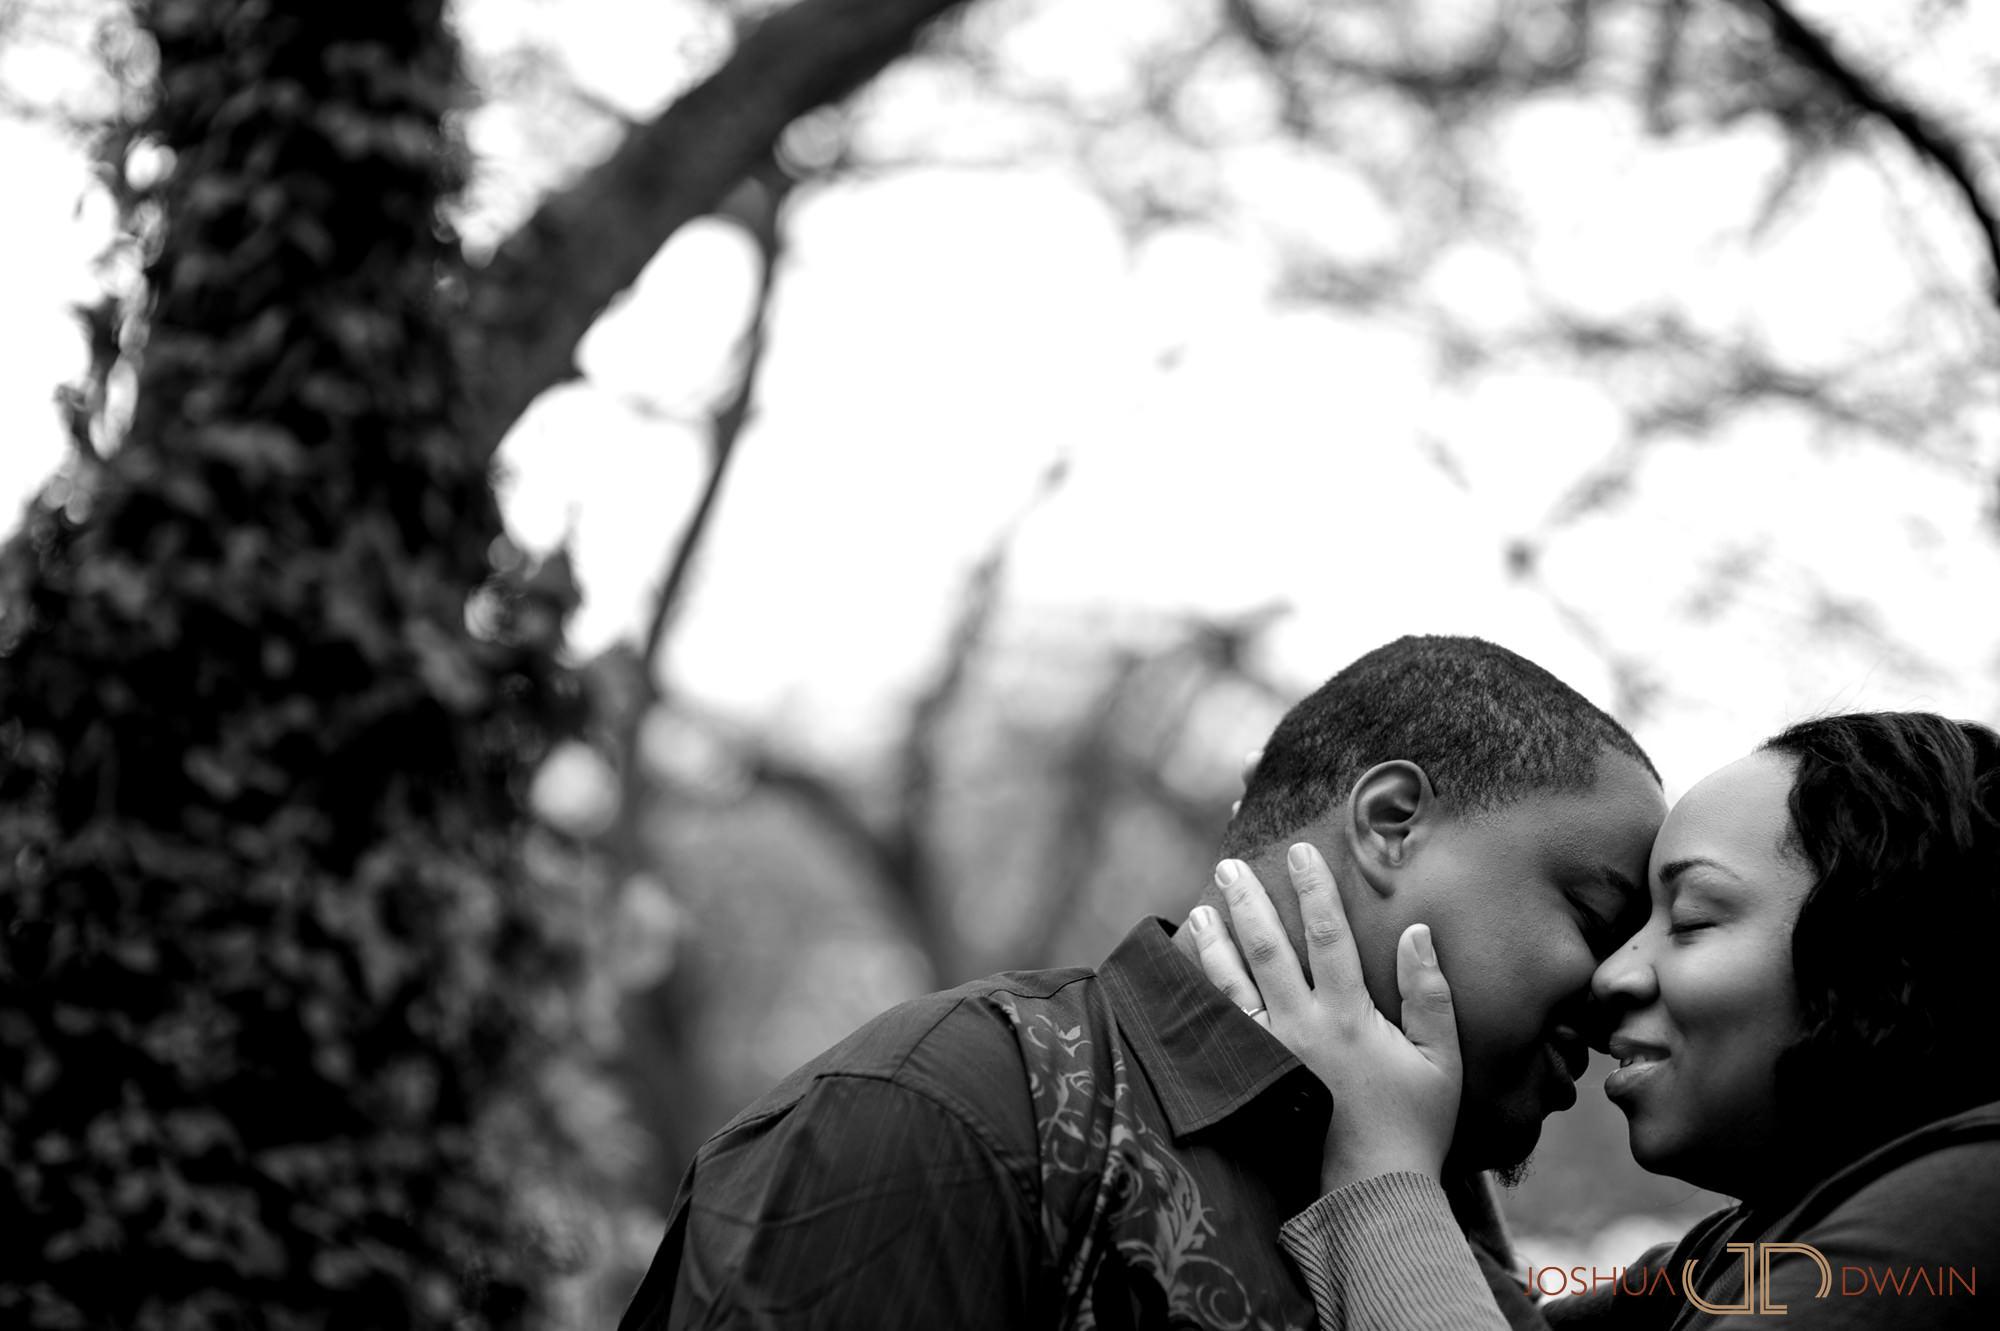 monique-john-006-chicago-il-engagement-photographer-joshua-dwain-2011-11-19_mj_040